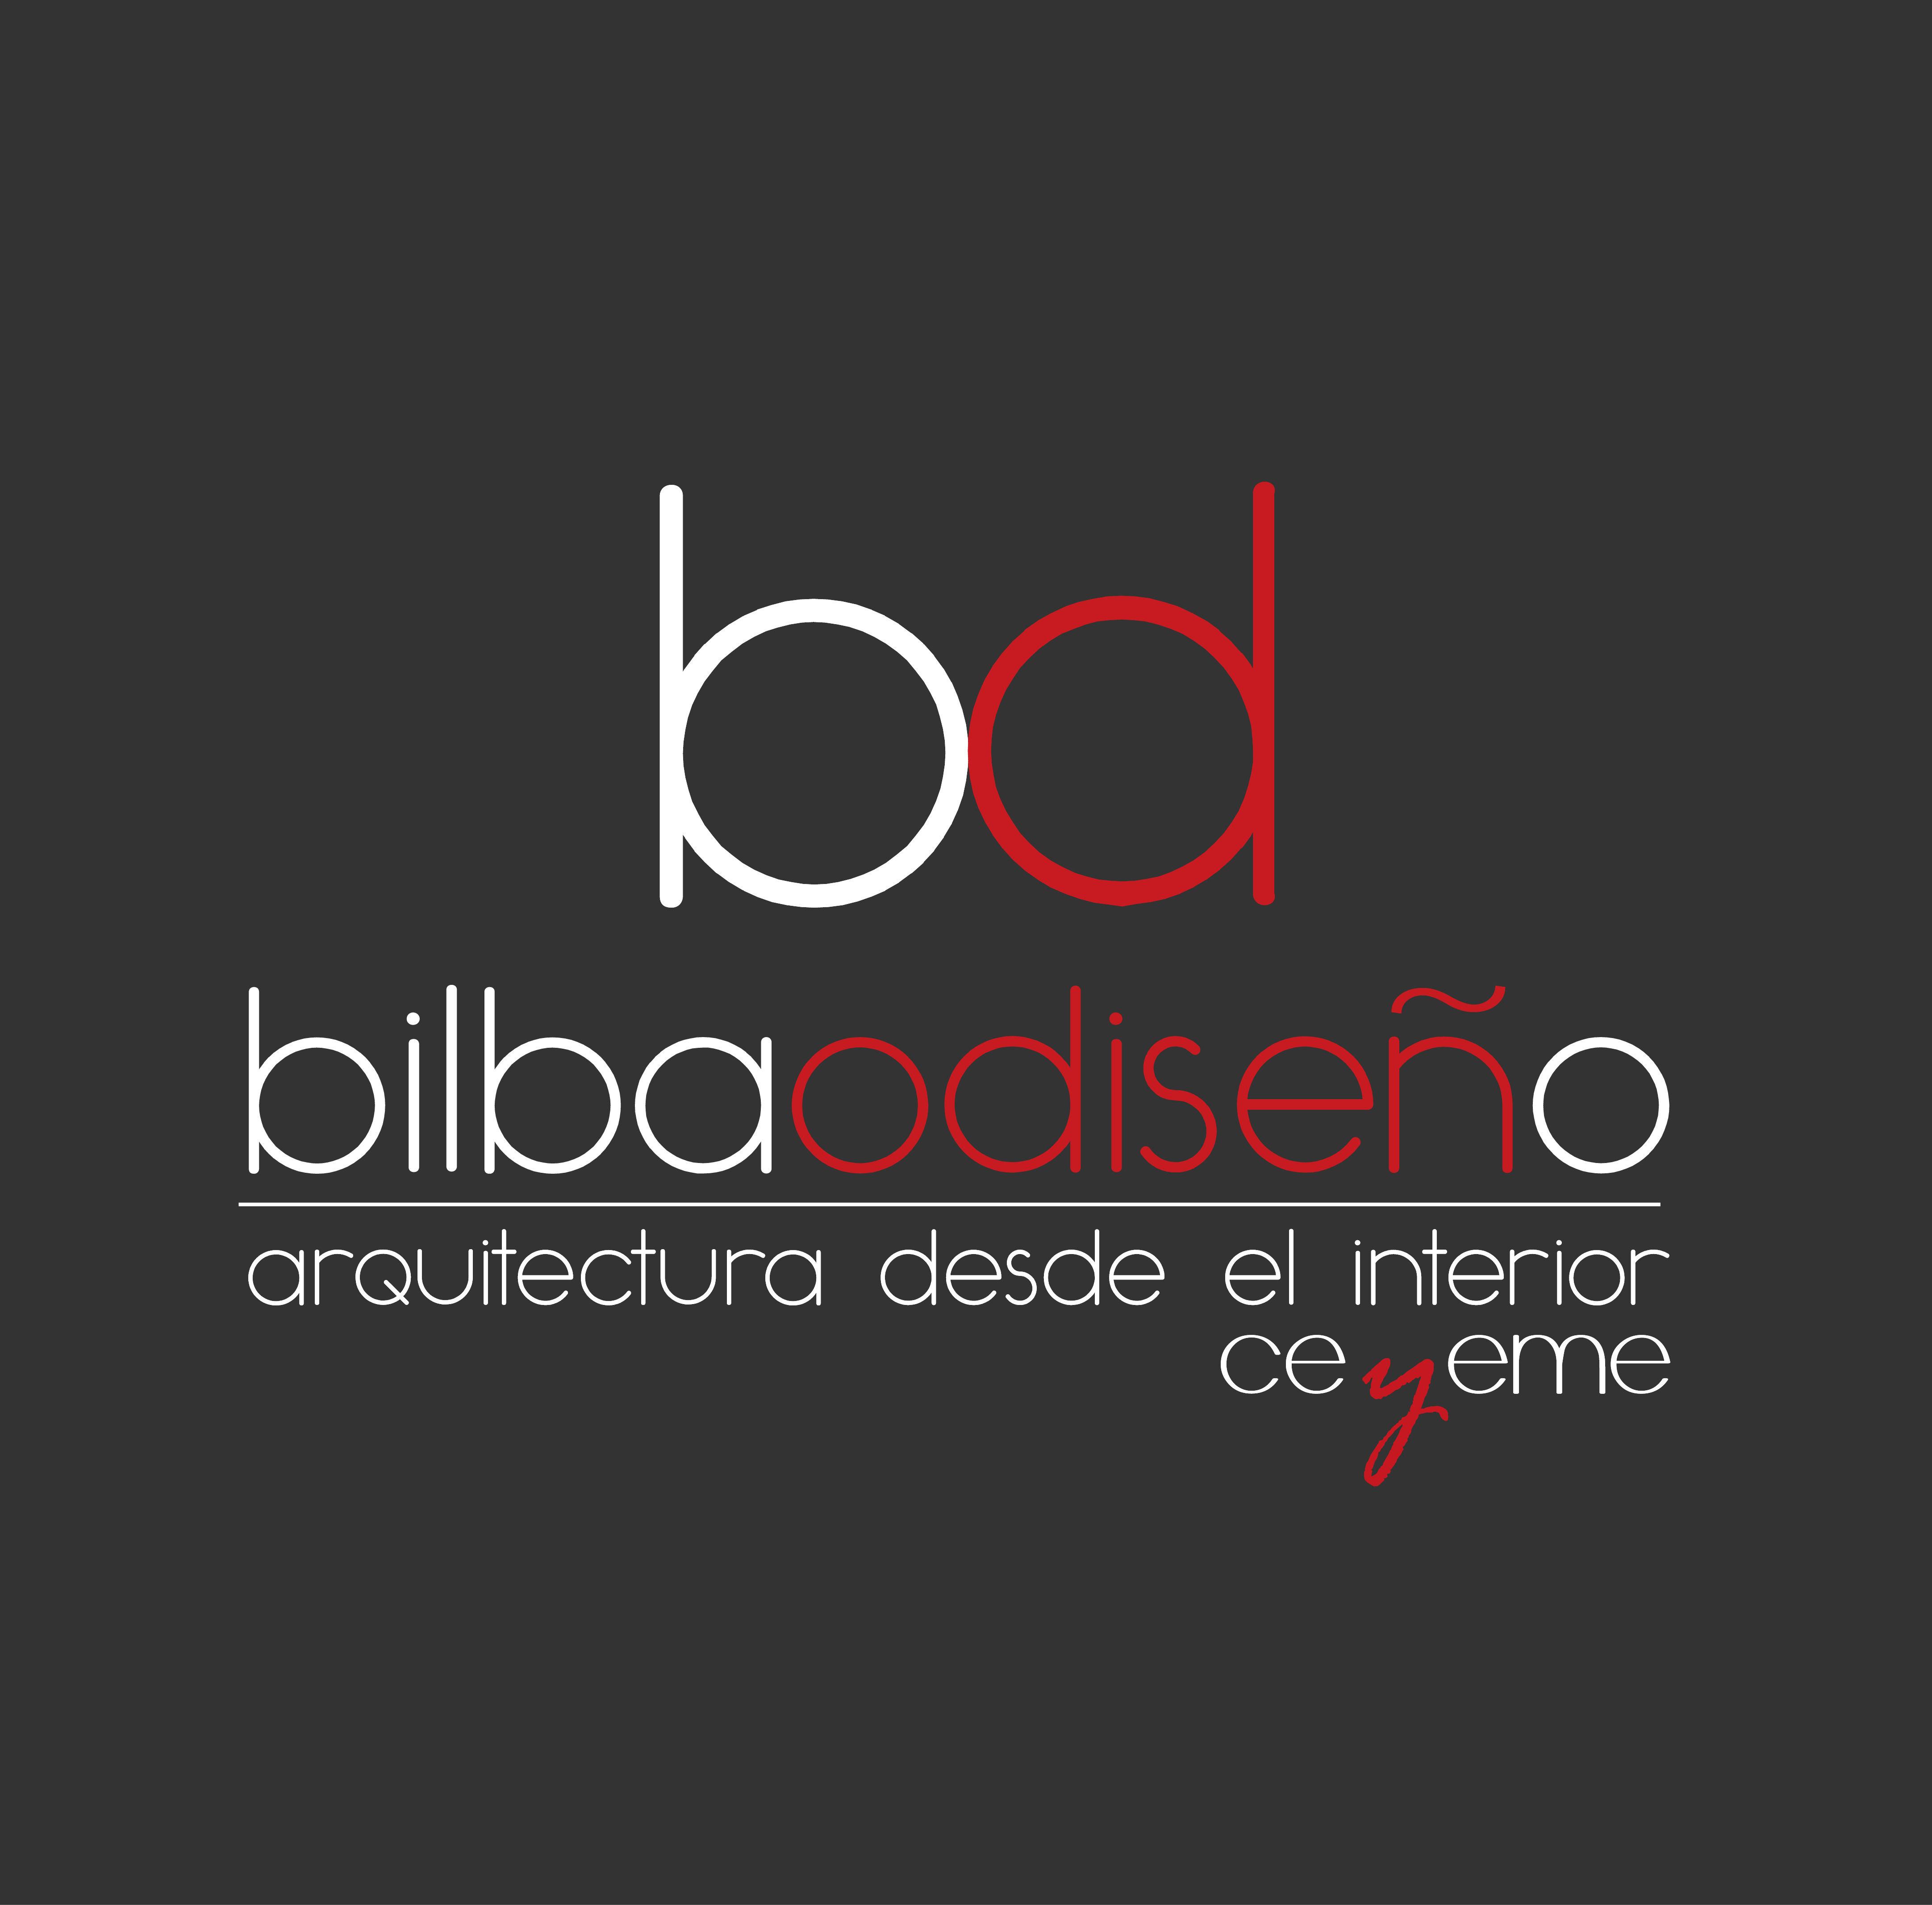 Bilbaodiseño